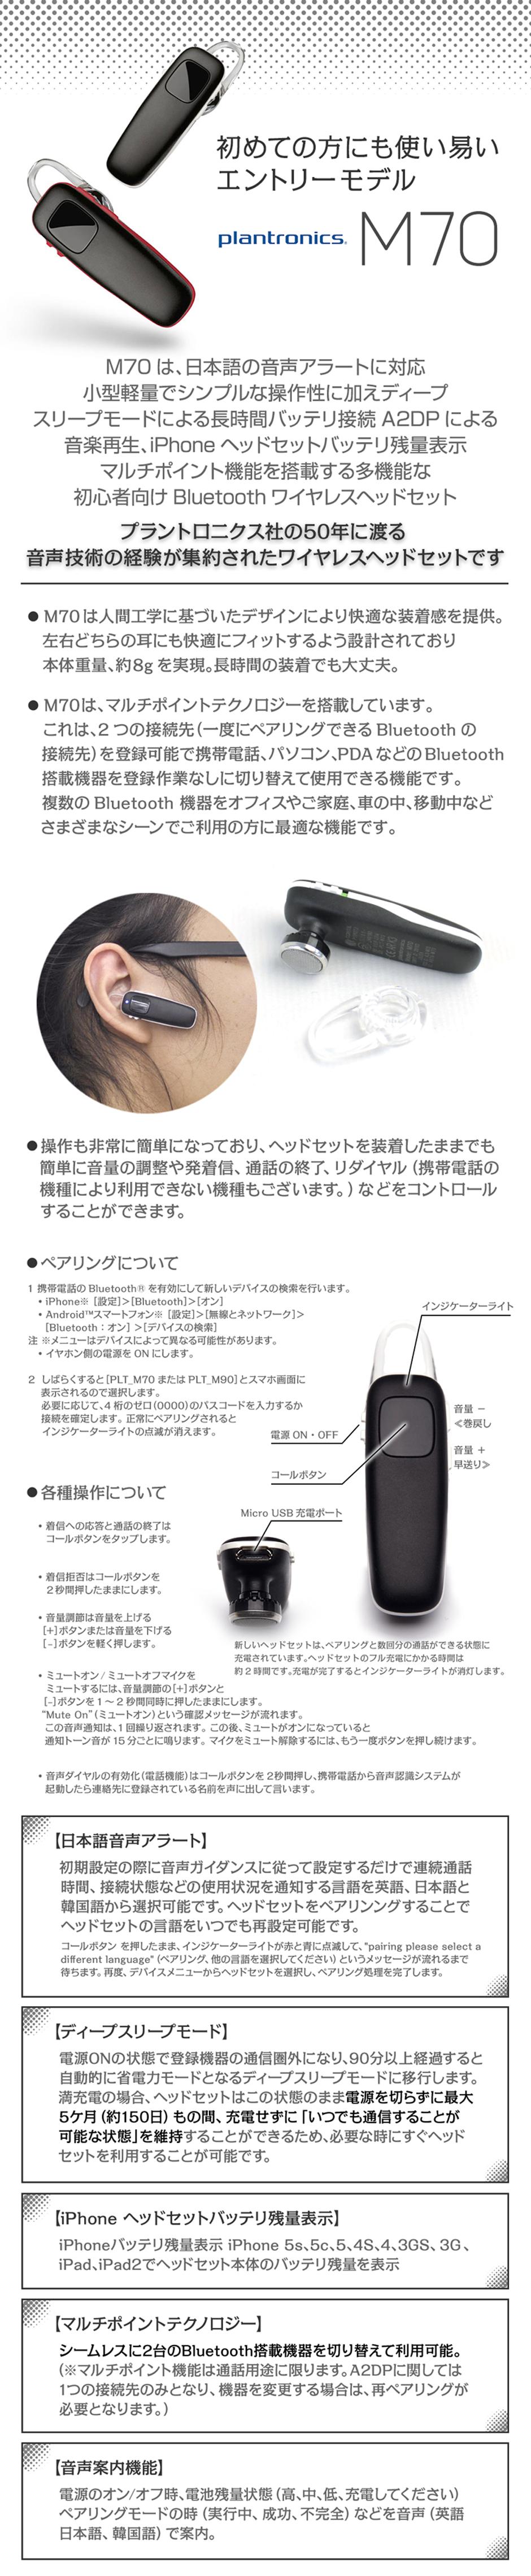 Bluetoothイヤホン/ワイヤレスイヤホン/Bluetoothヘッドセット